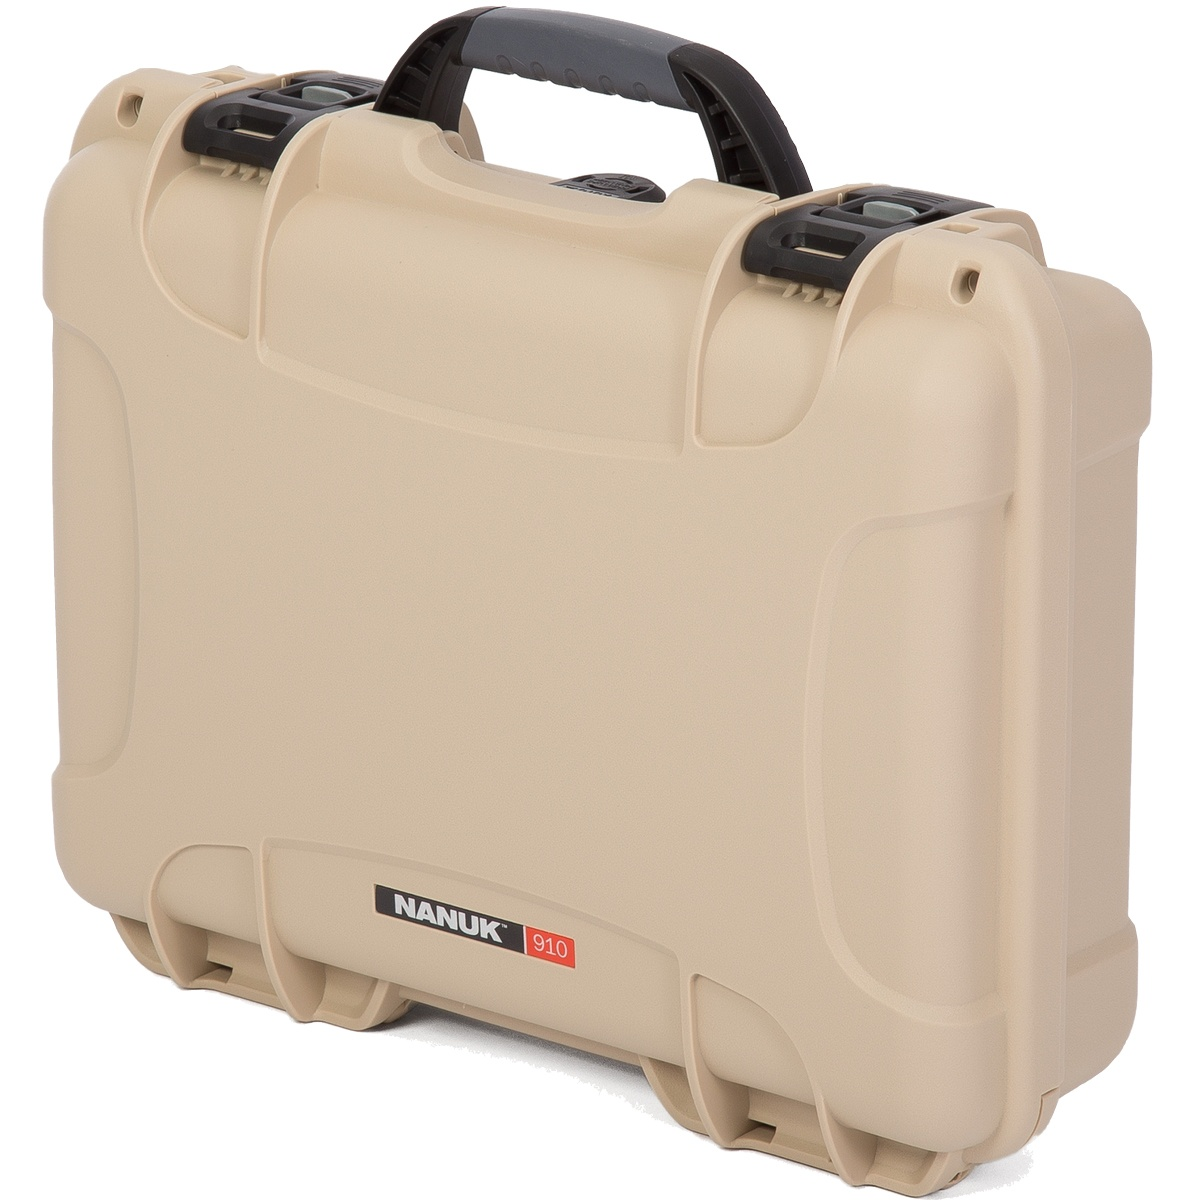 Nanuk Koffer 910 Beige